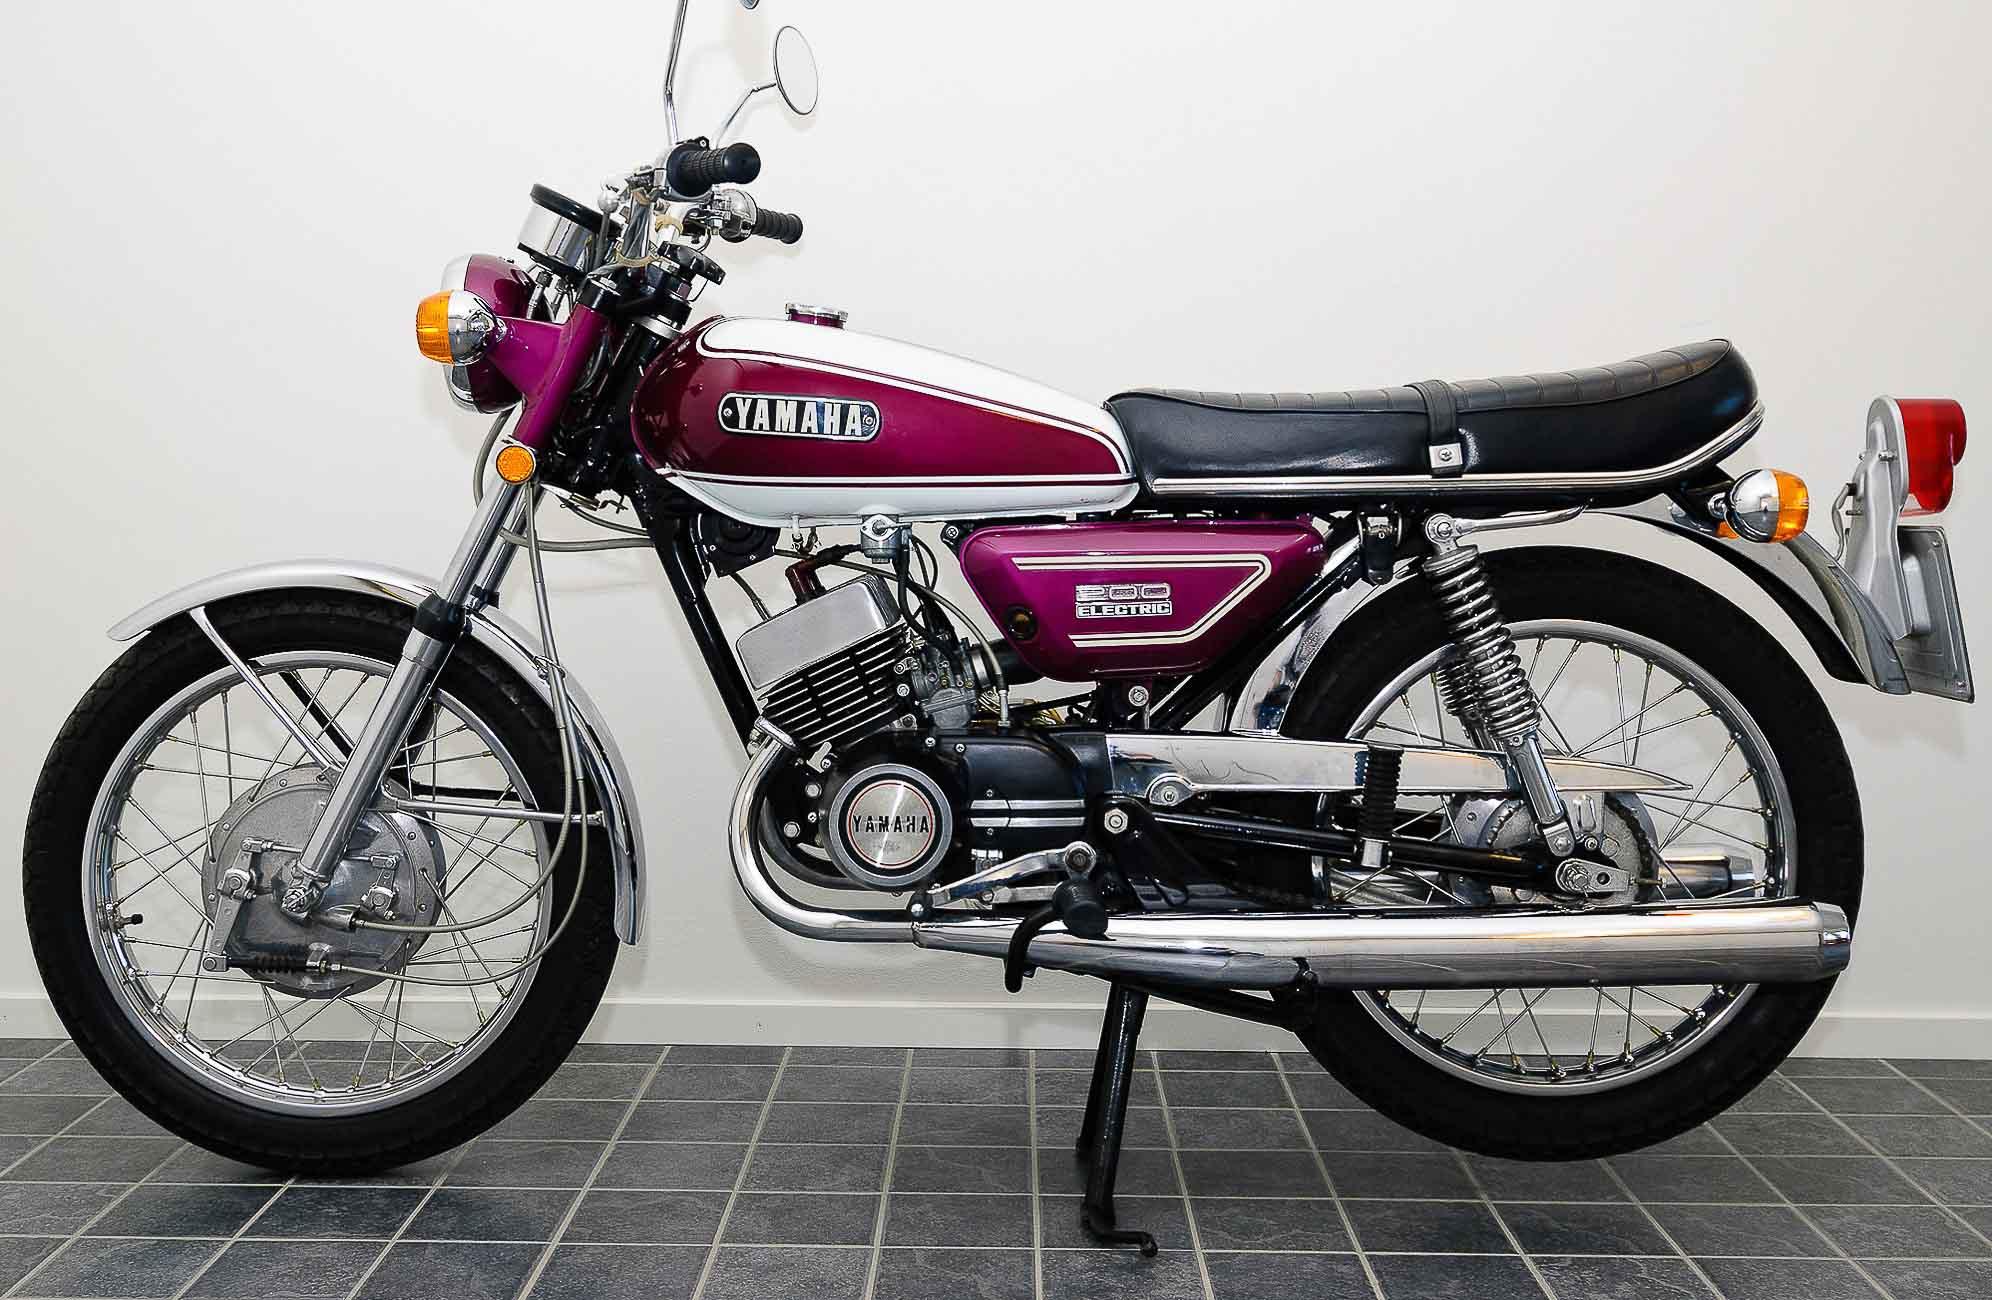 YAMAHA RD 200 (1973 - 1980)